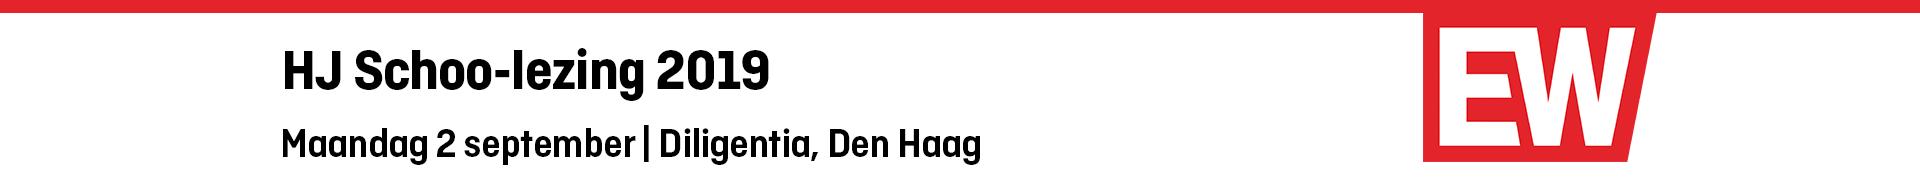 HJ Schoo-lezing 2019